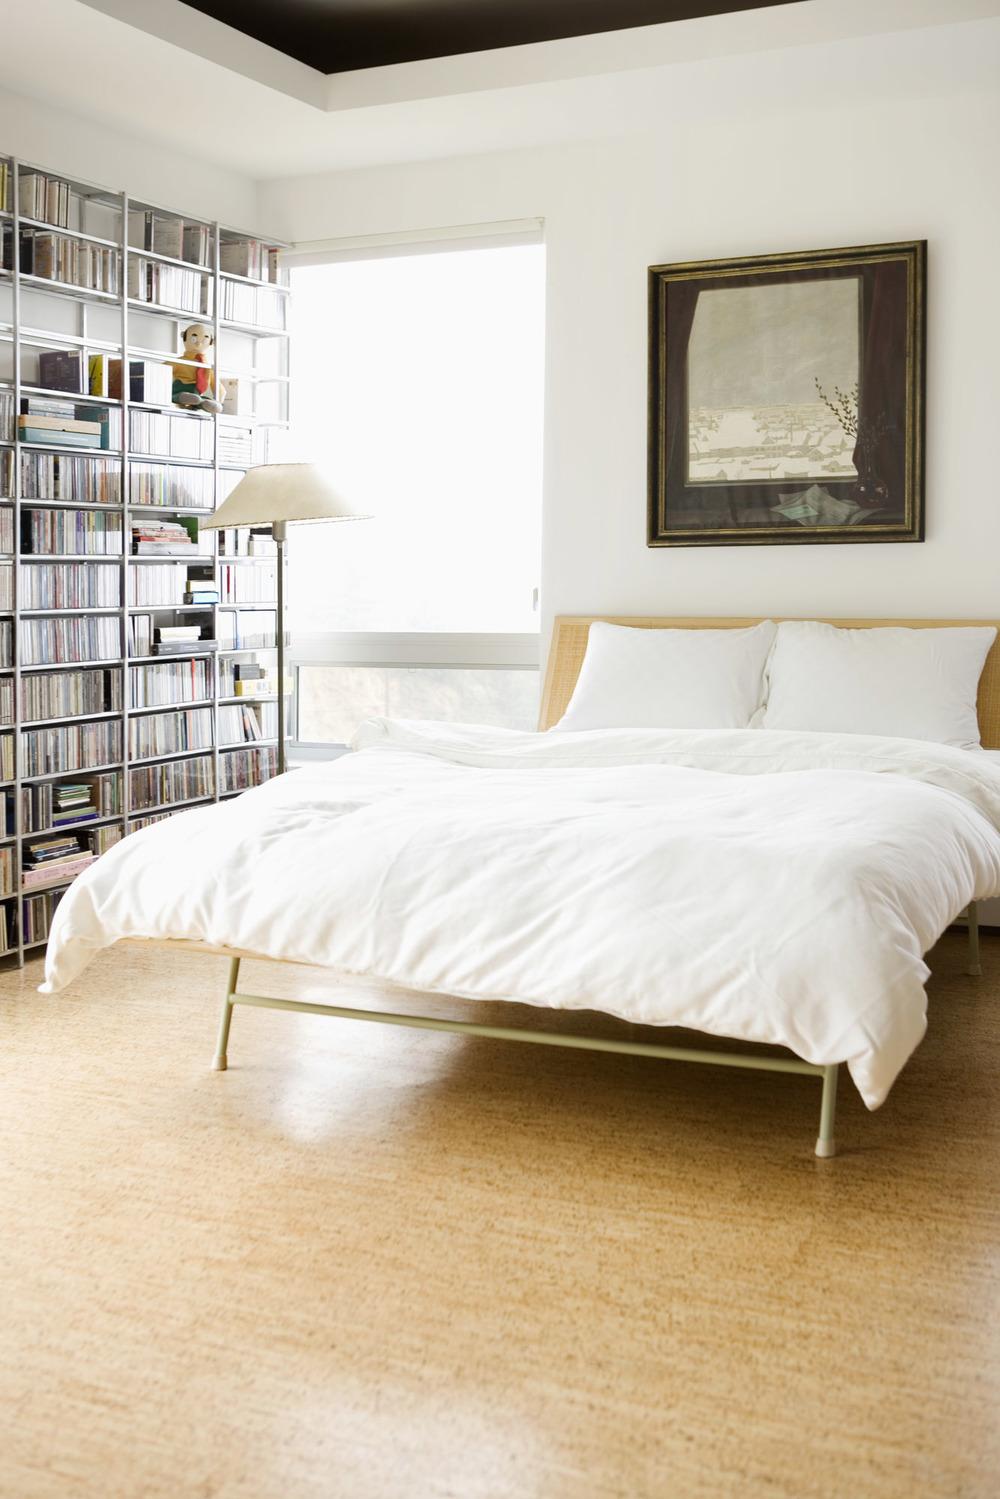 fa_ca_ca_residential_interior_design.jpg